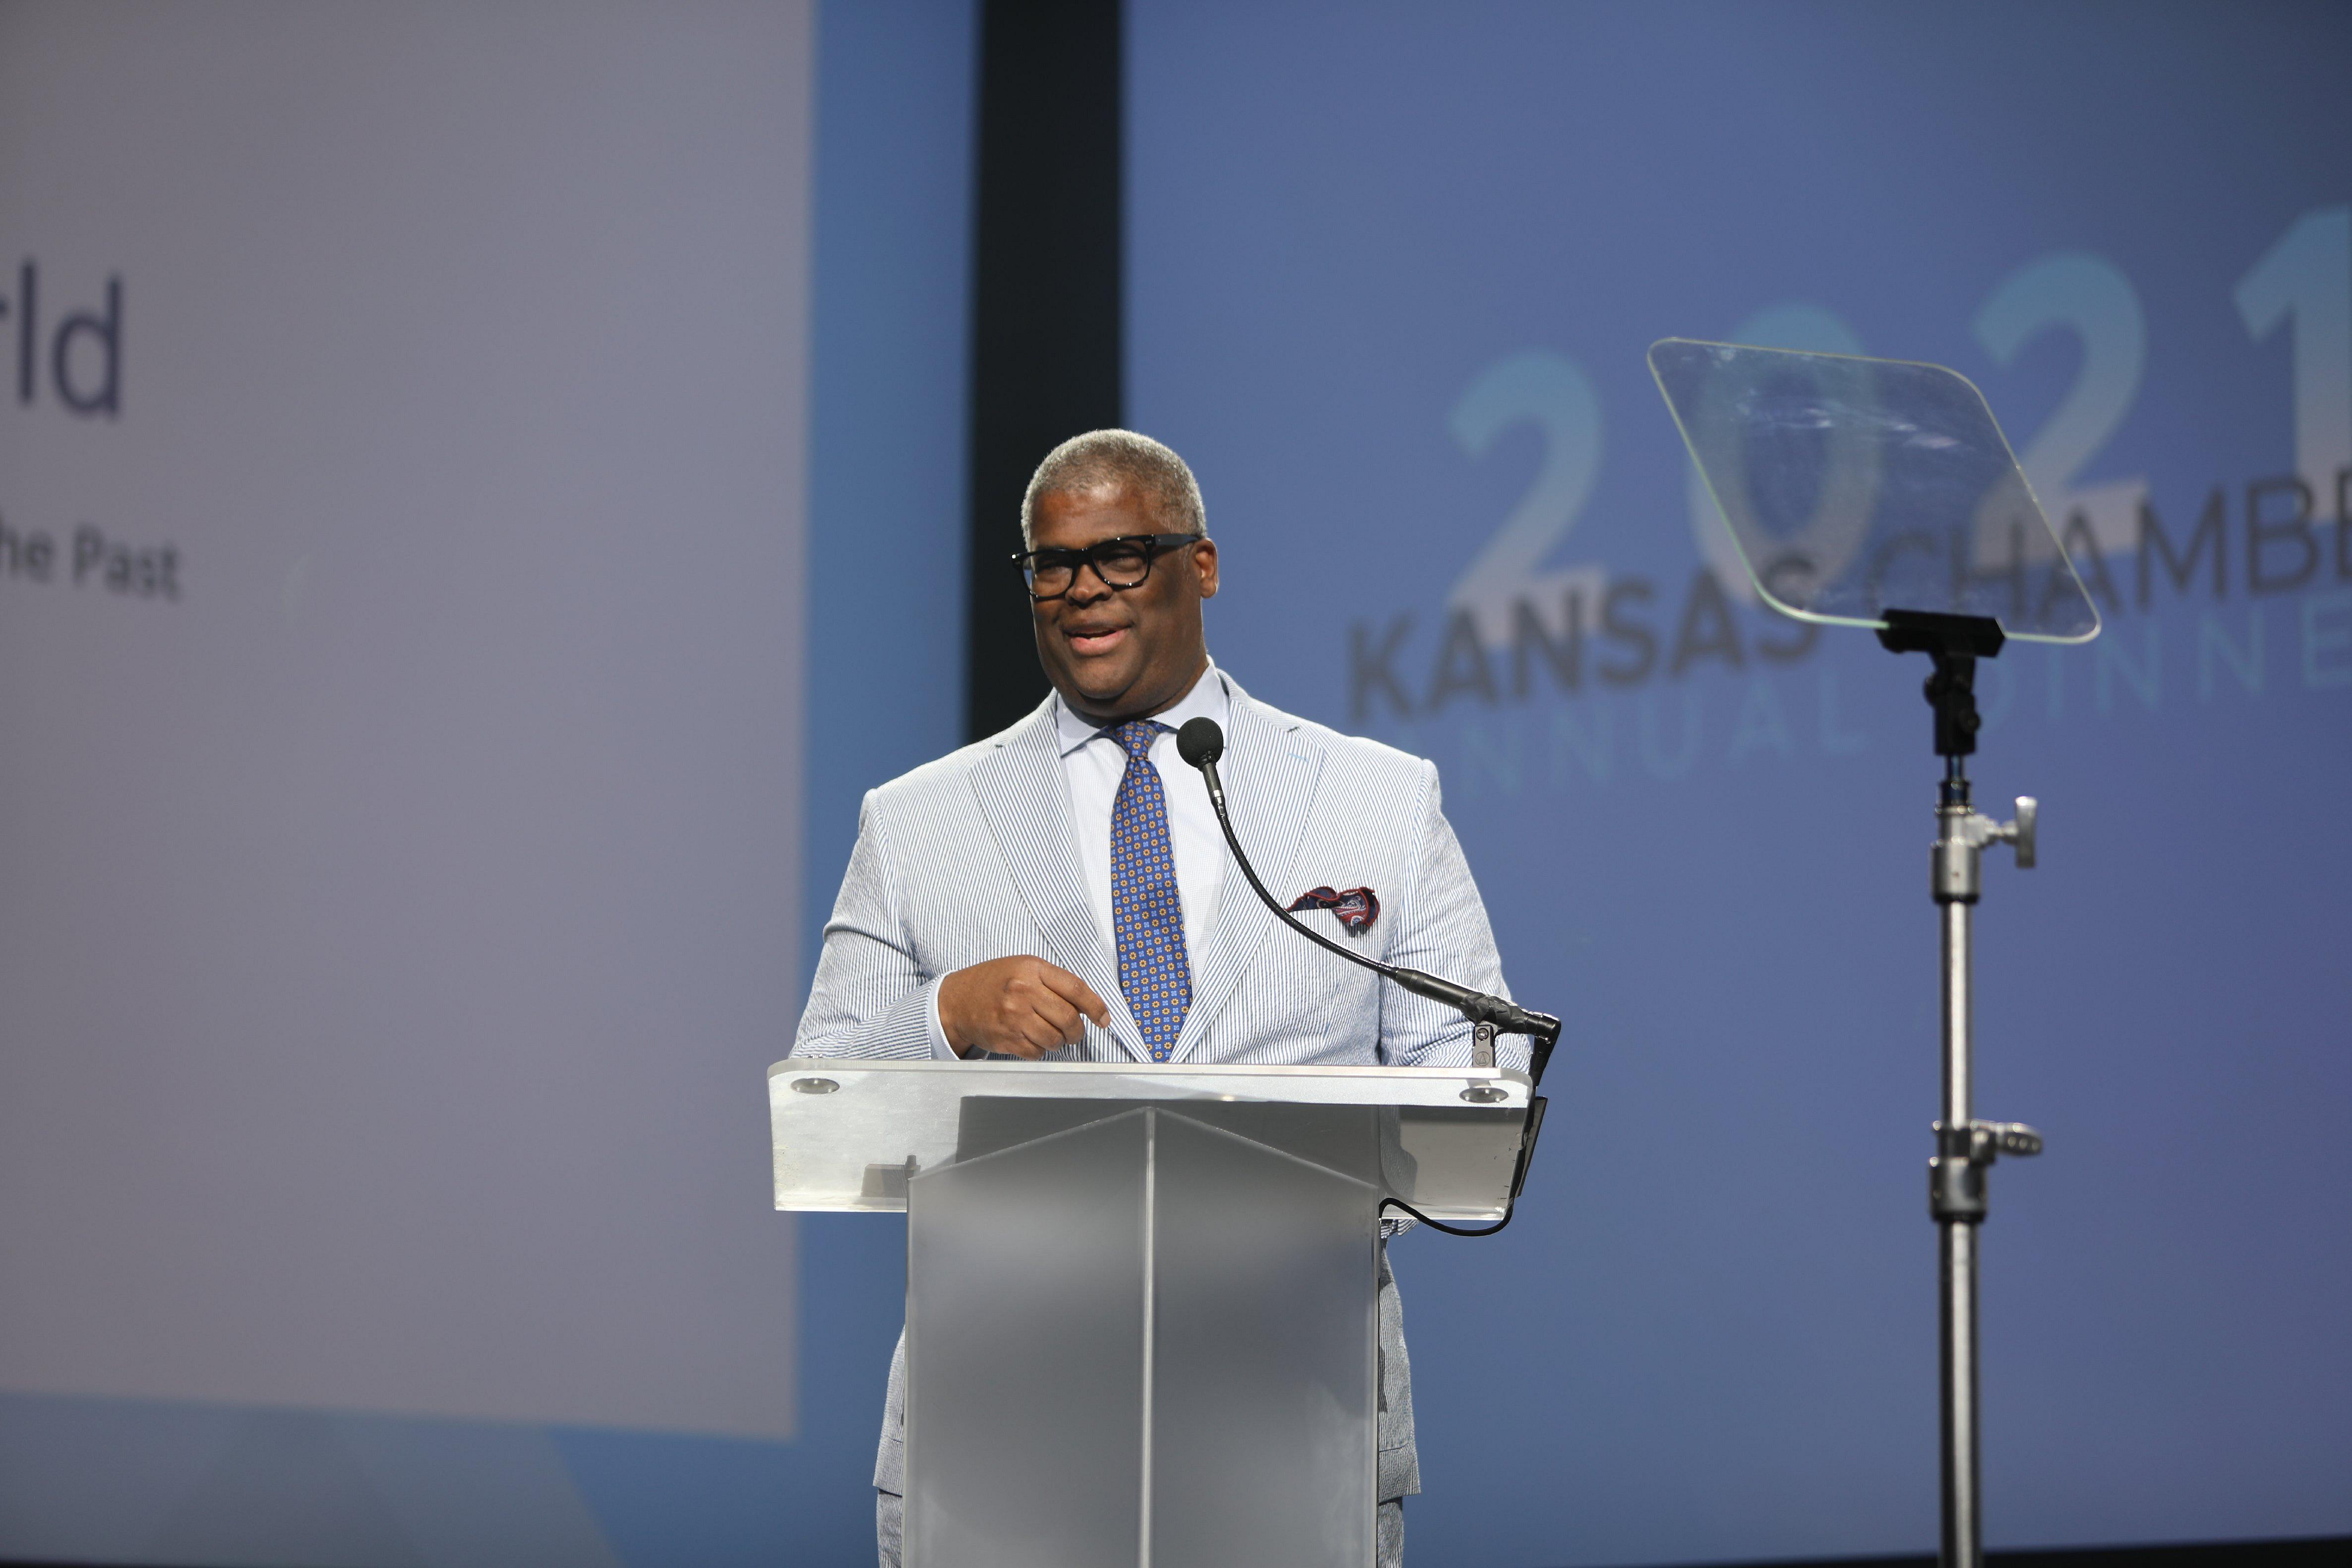 Kansas Chamber of Commerce holds annual dinner at Vaerus Aviation